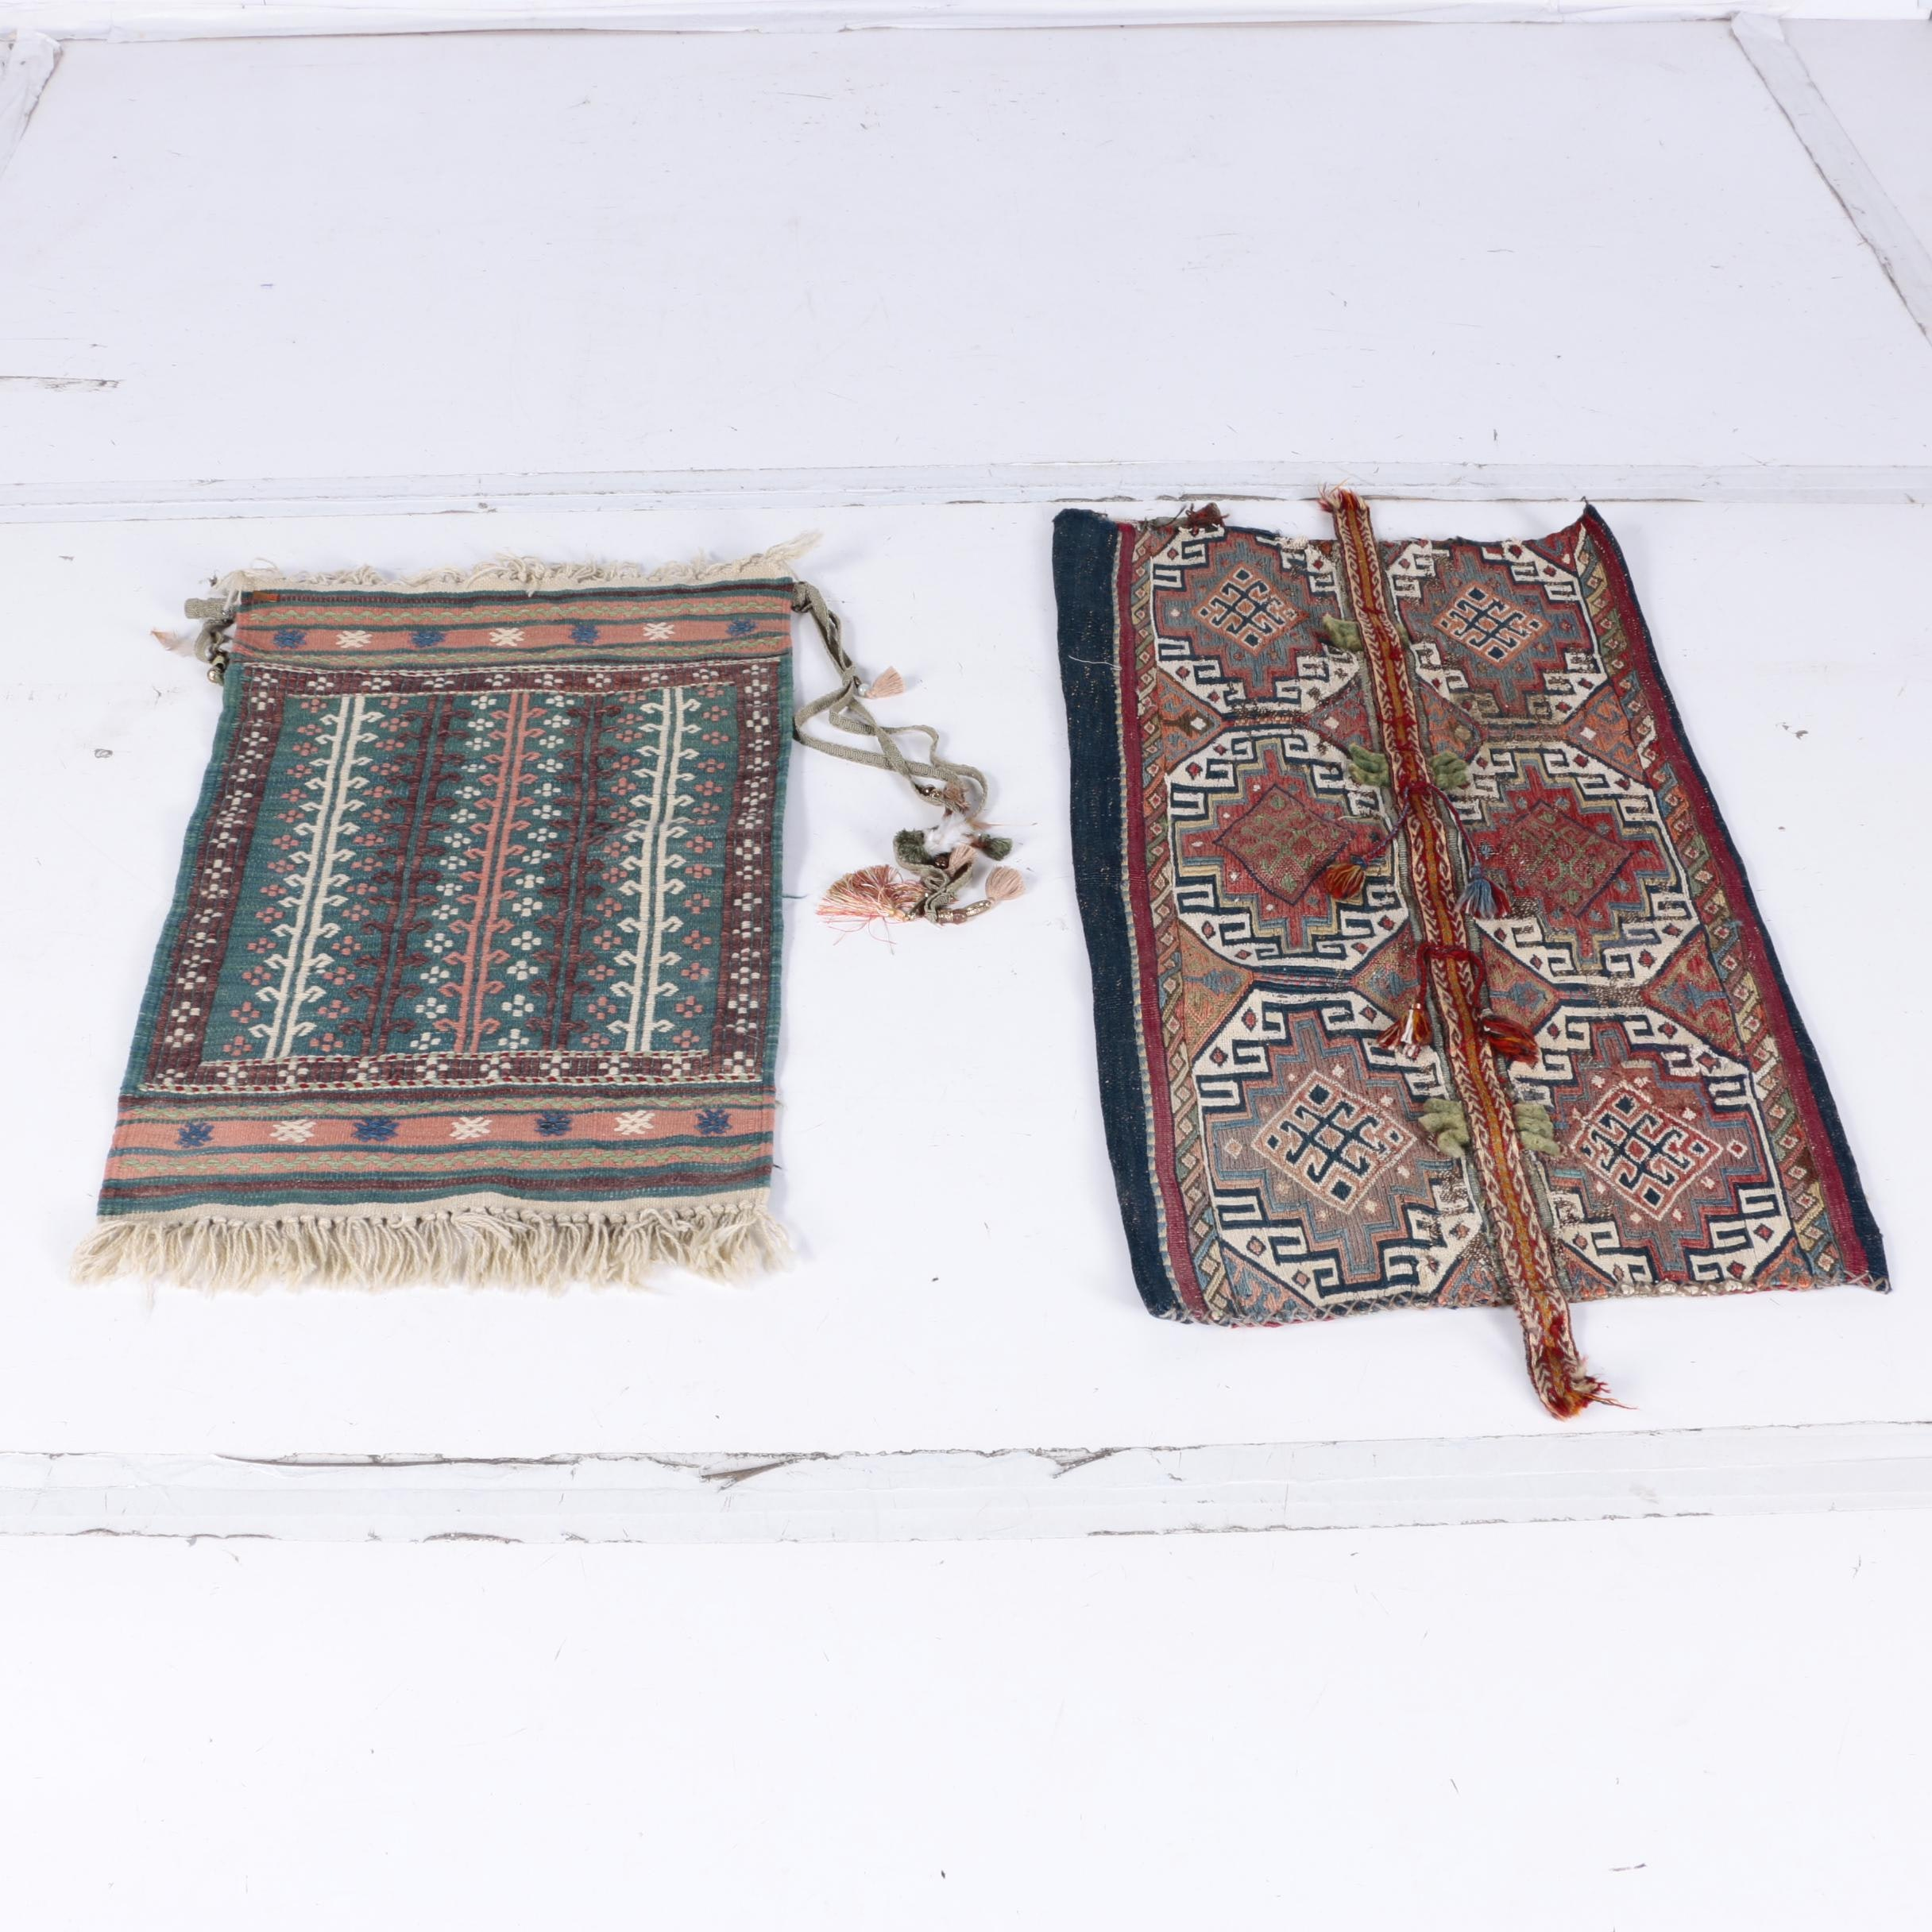 Handwoven and Embroidered Turkish Konya Tribal Textiles